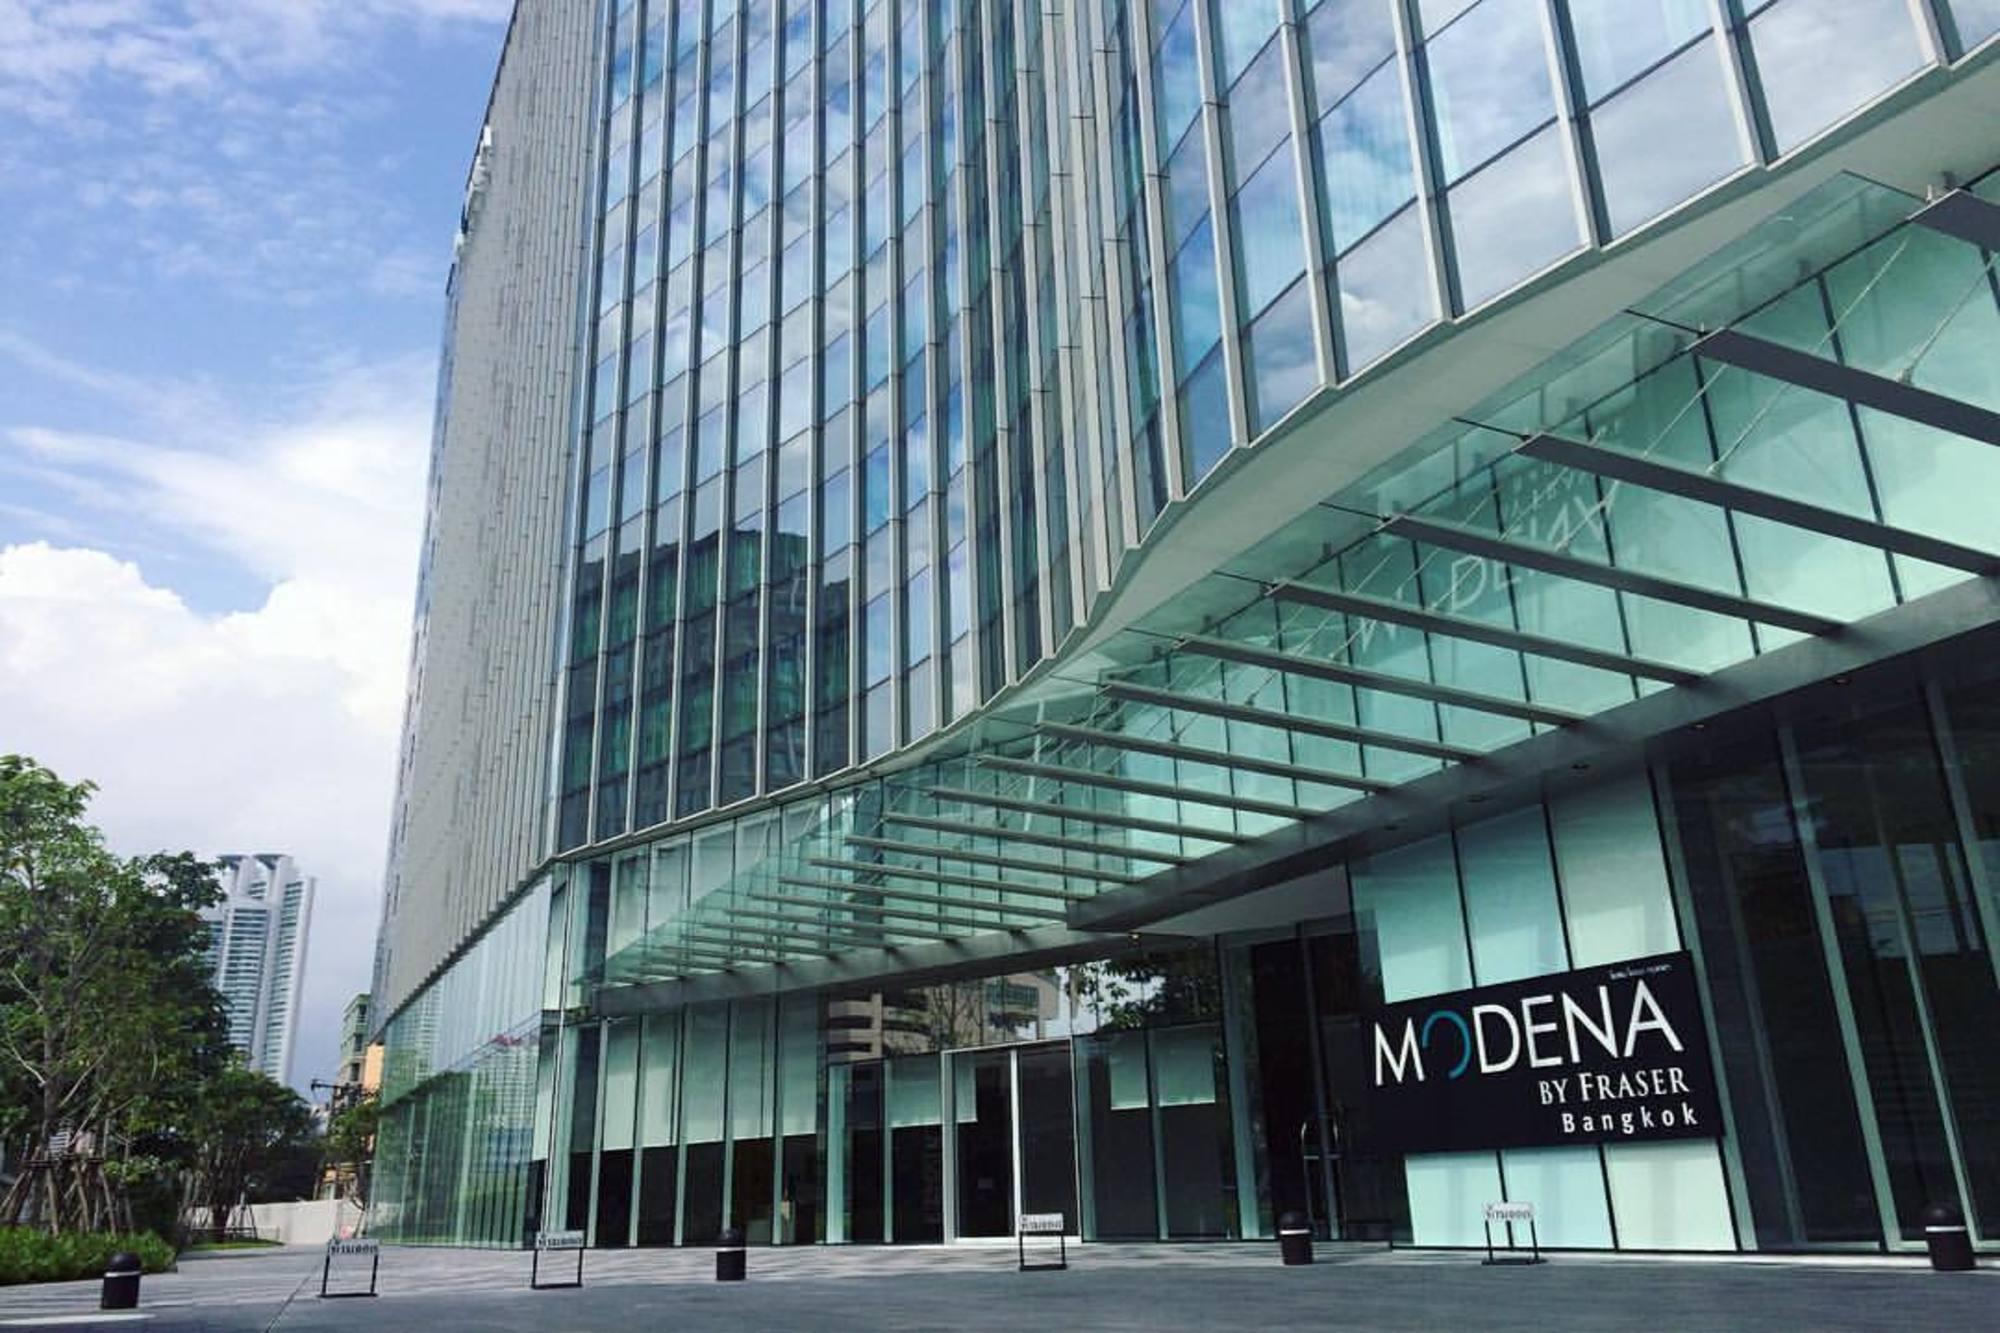 曼谷名致服务公寓以玻璃帷幕打造时尚建筑外观。(图片来自:Modena by Fraser Bangkok官网)